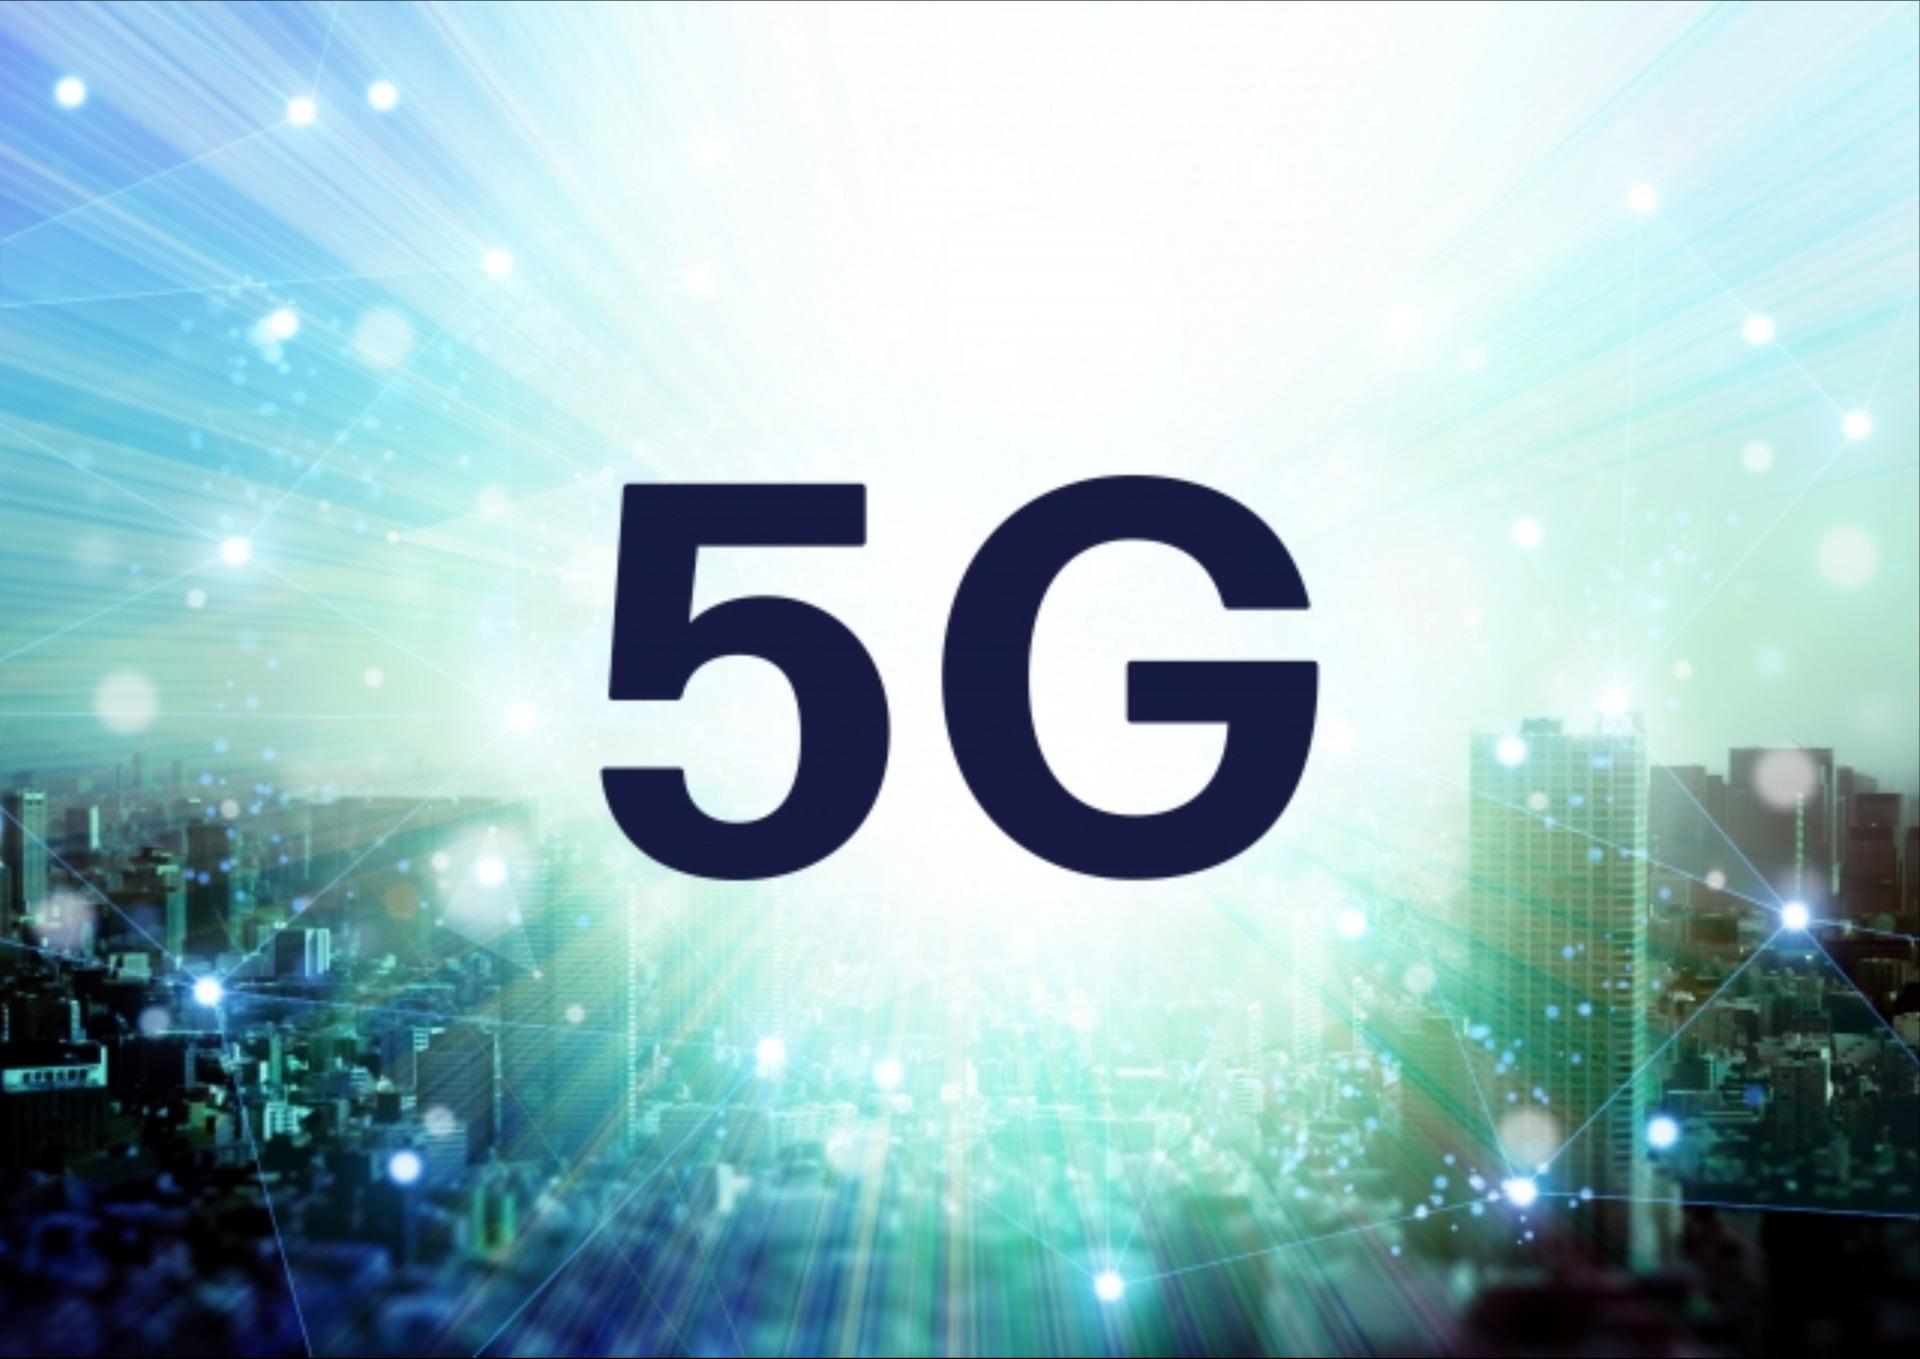 企業のCM価値を高める「5G」とは?